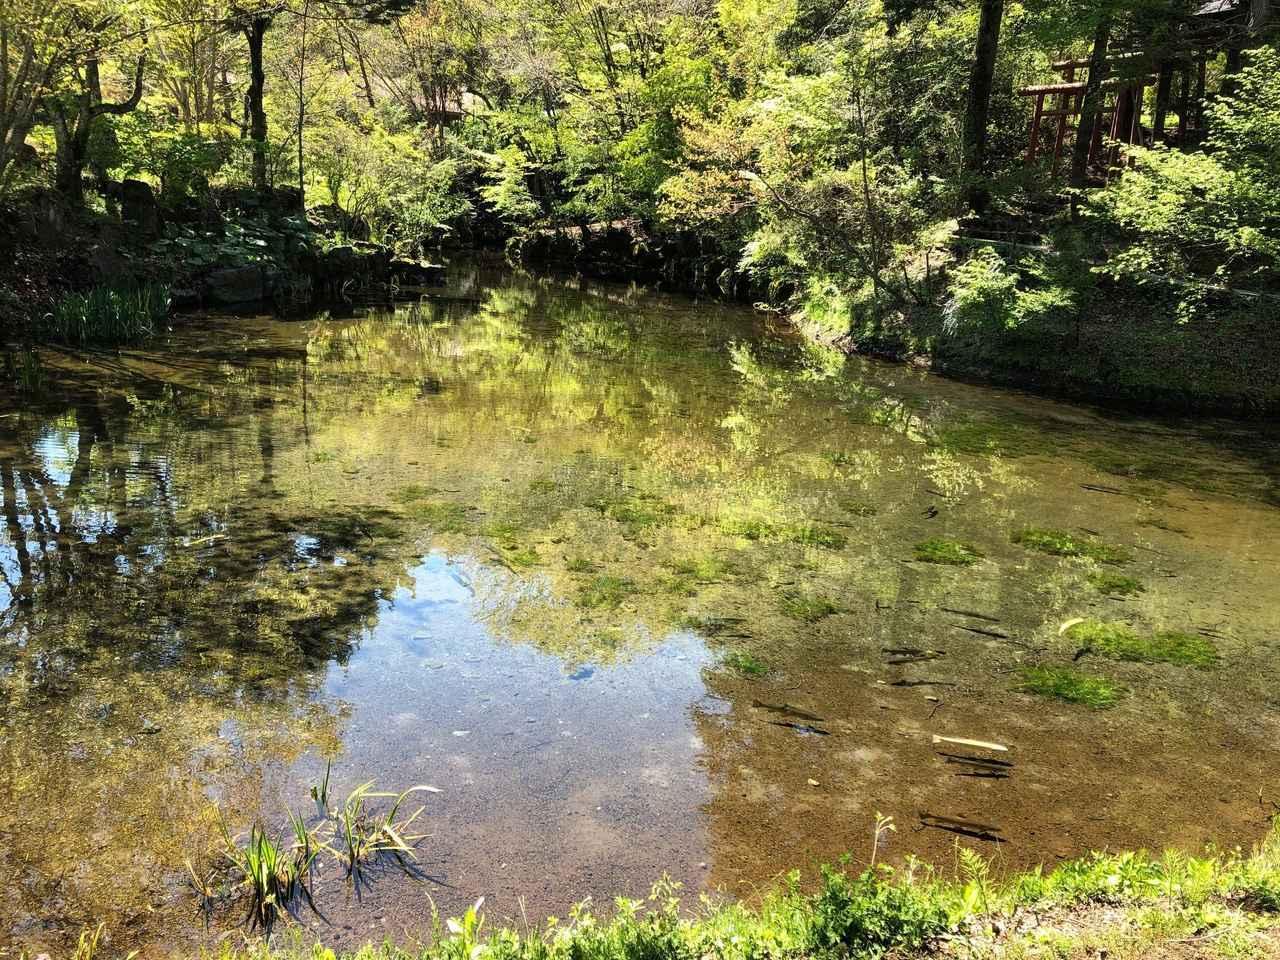 画像: 忍野八海・出口池(世界文化遺産「富士山 信仰の対象と芸術の源泉」の構成資産の一つ。)